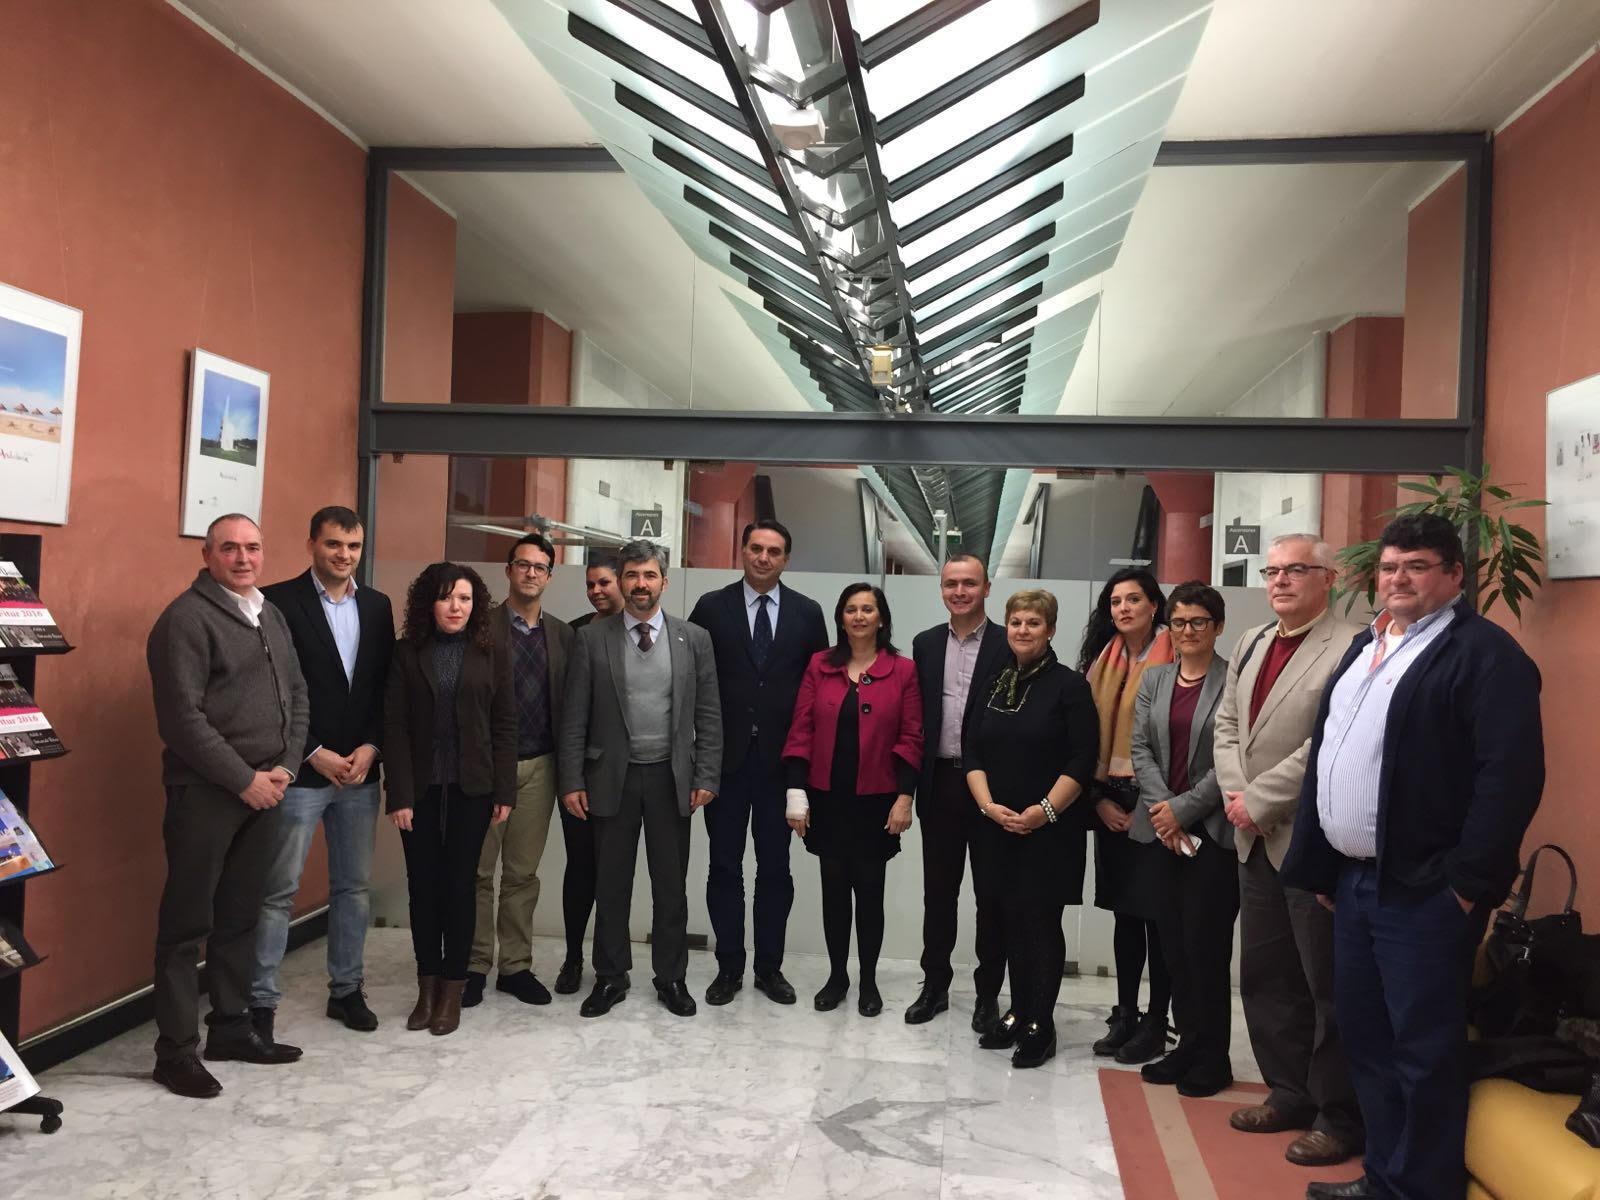 Los municipios que conforman la Ruta de Blas Infante mantuvieron una reunión con el Consejero de Turismo de la Junta de Andalucía